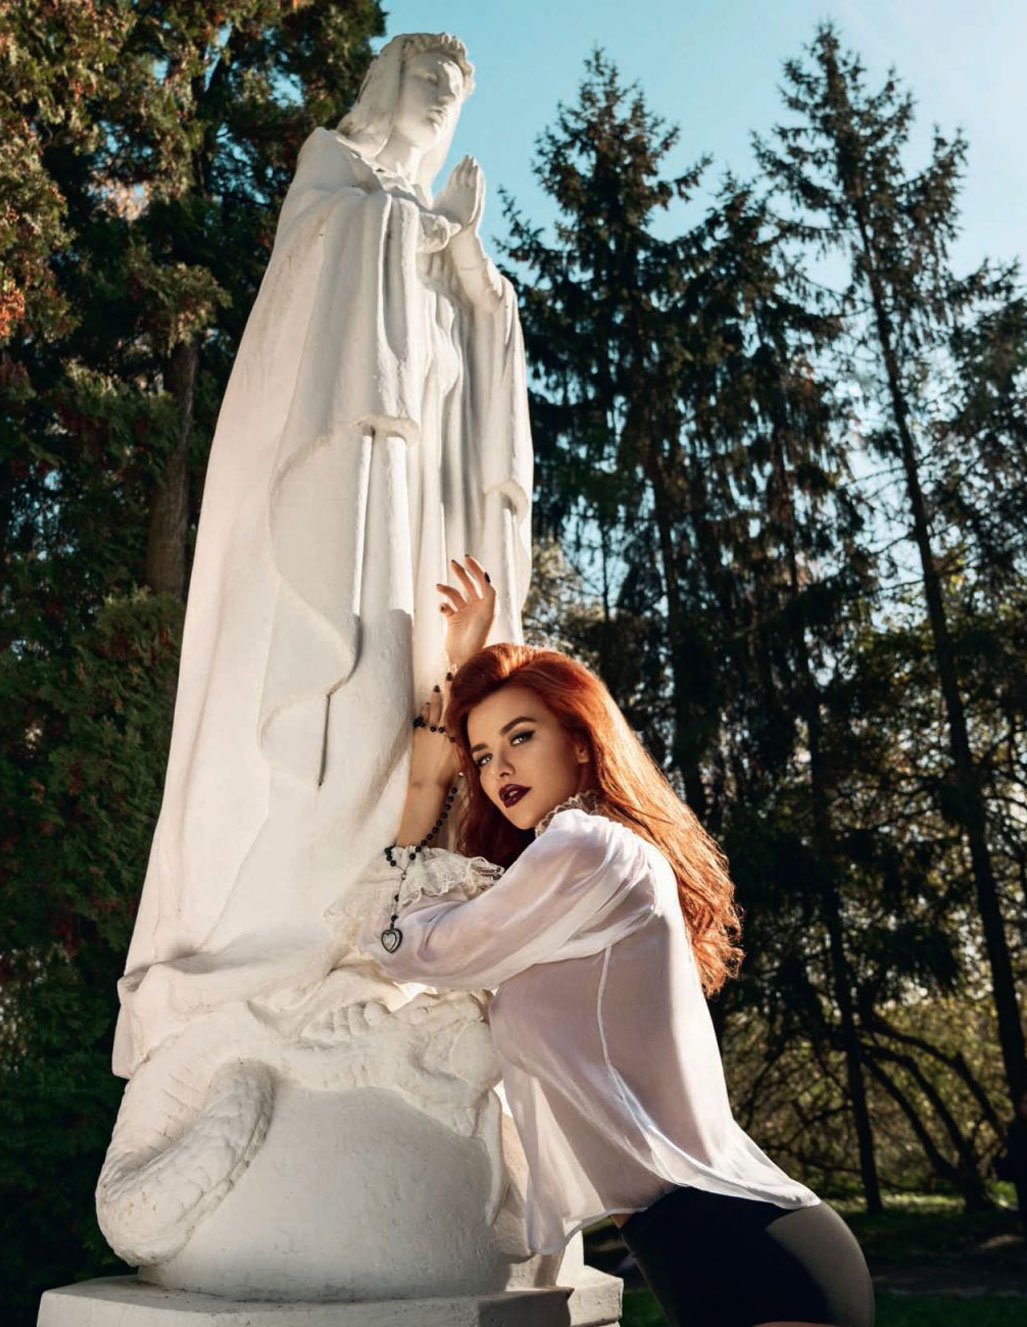 фотомодель журнала Playboy Маргарита Солодка, фотограф Антон Софийченко / фото 04